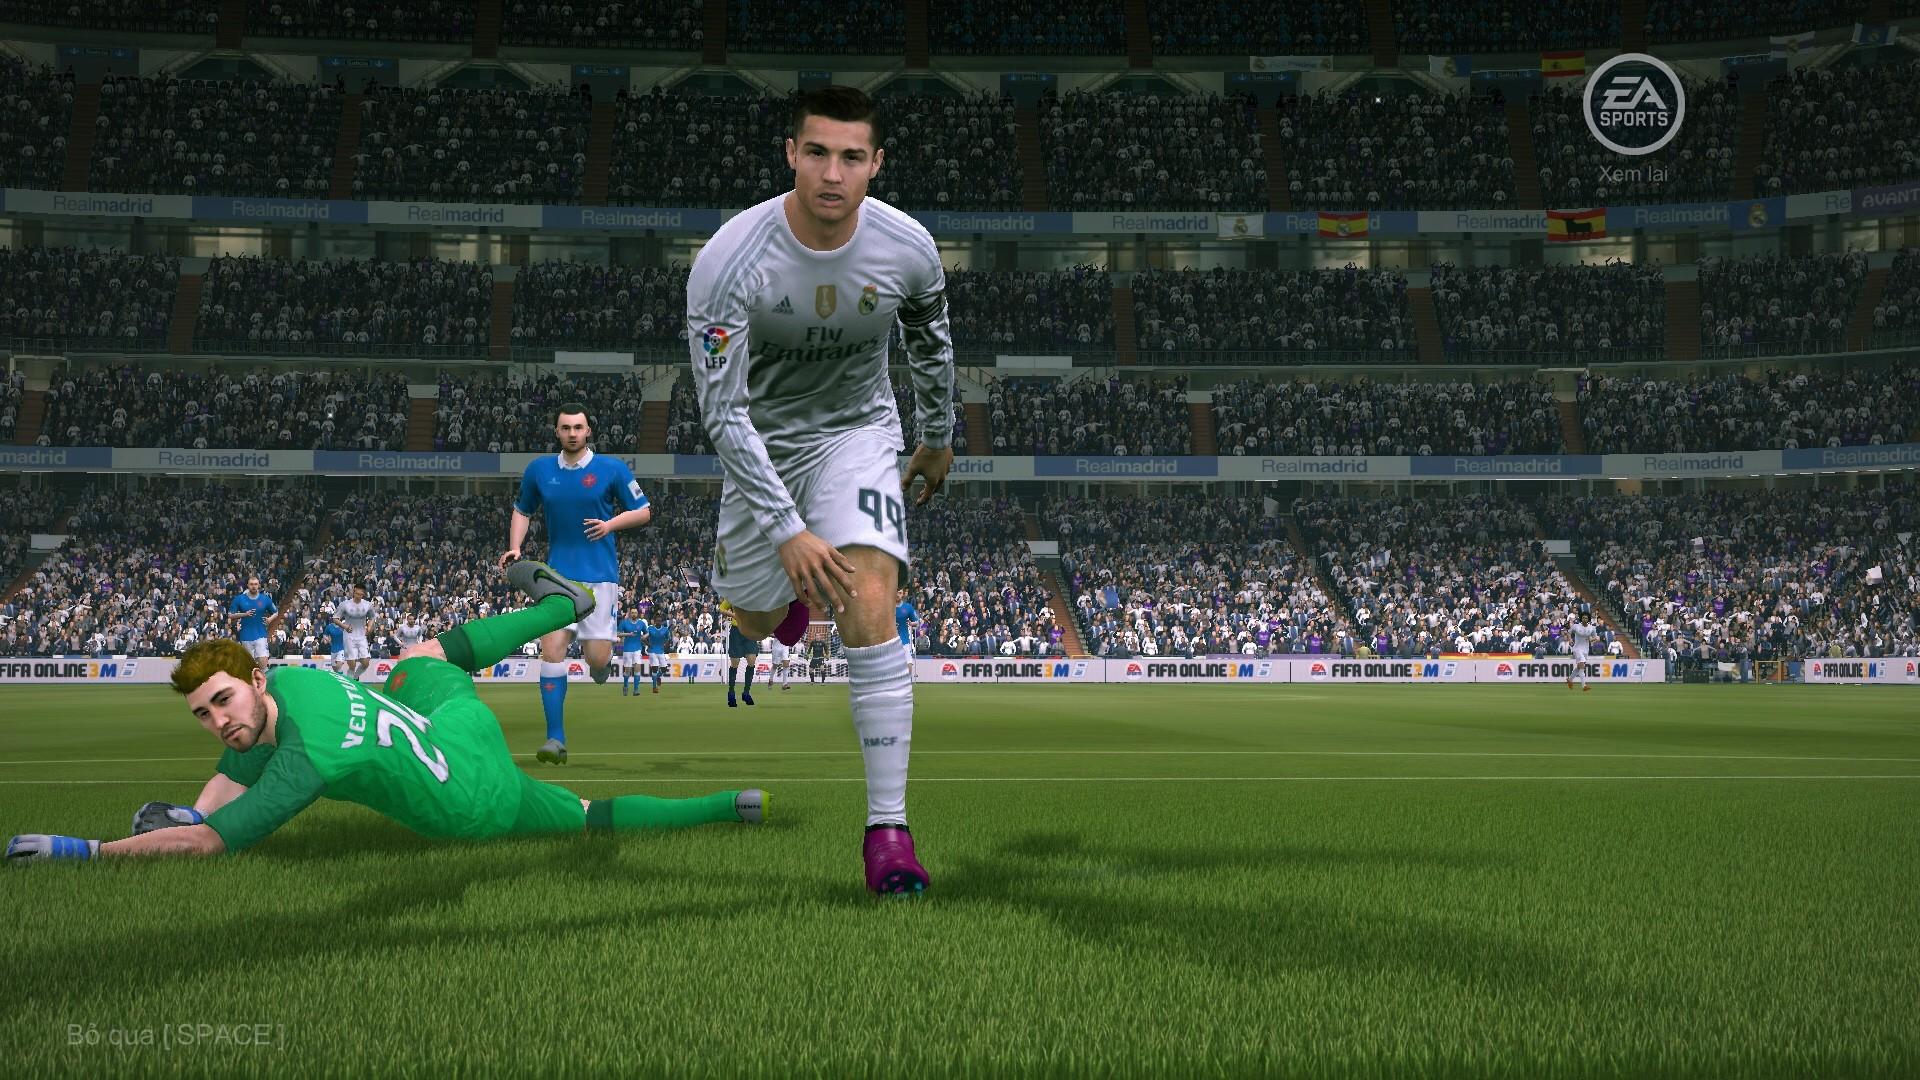 Seung Hyun Ronaldo Shooting